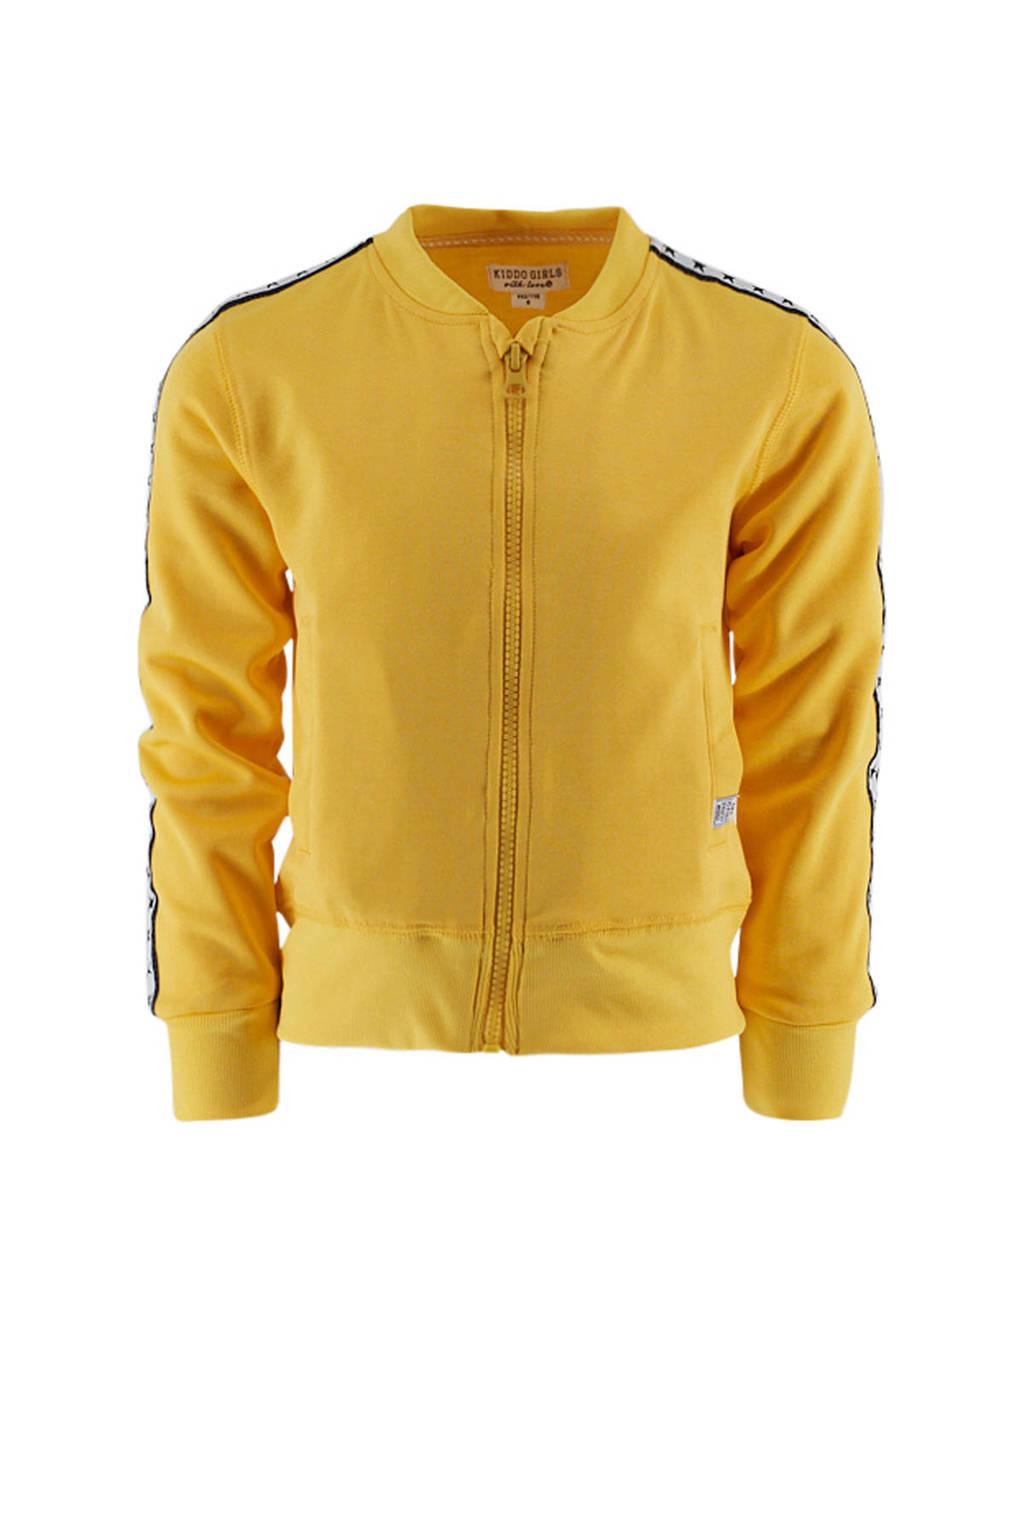 KIDDO vest met tekst geel/zwart/wit, Geel/zwart/wit